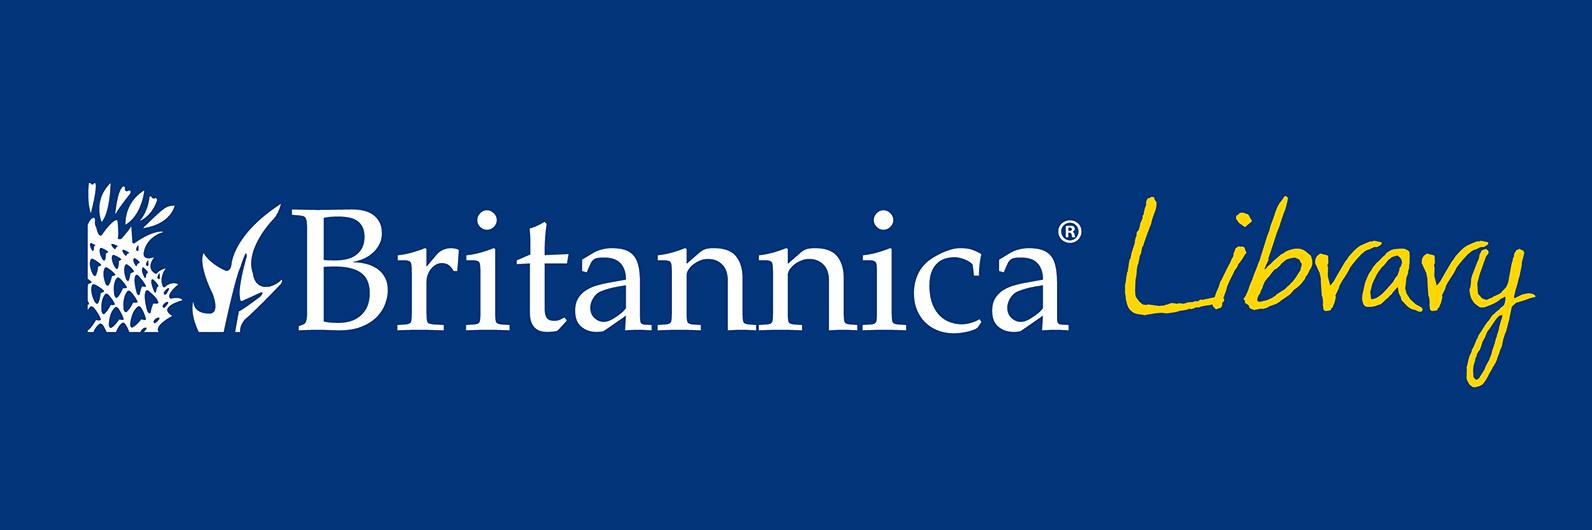 Britannica Libary